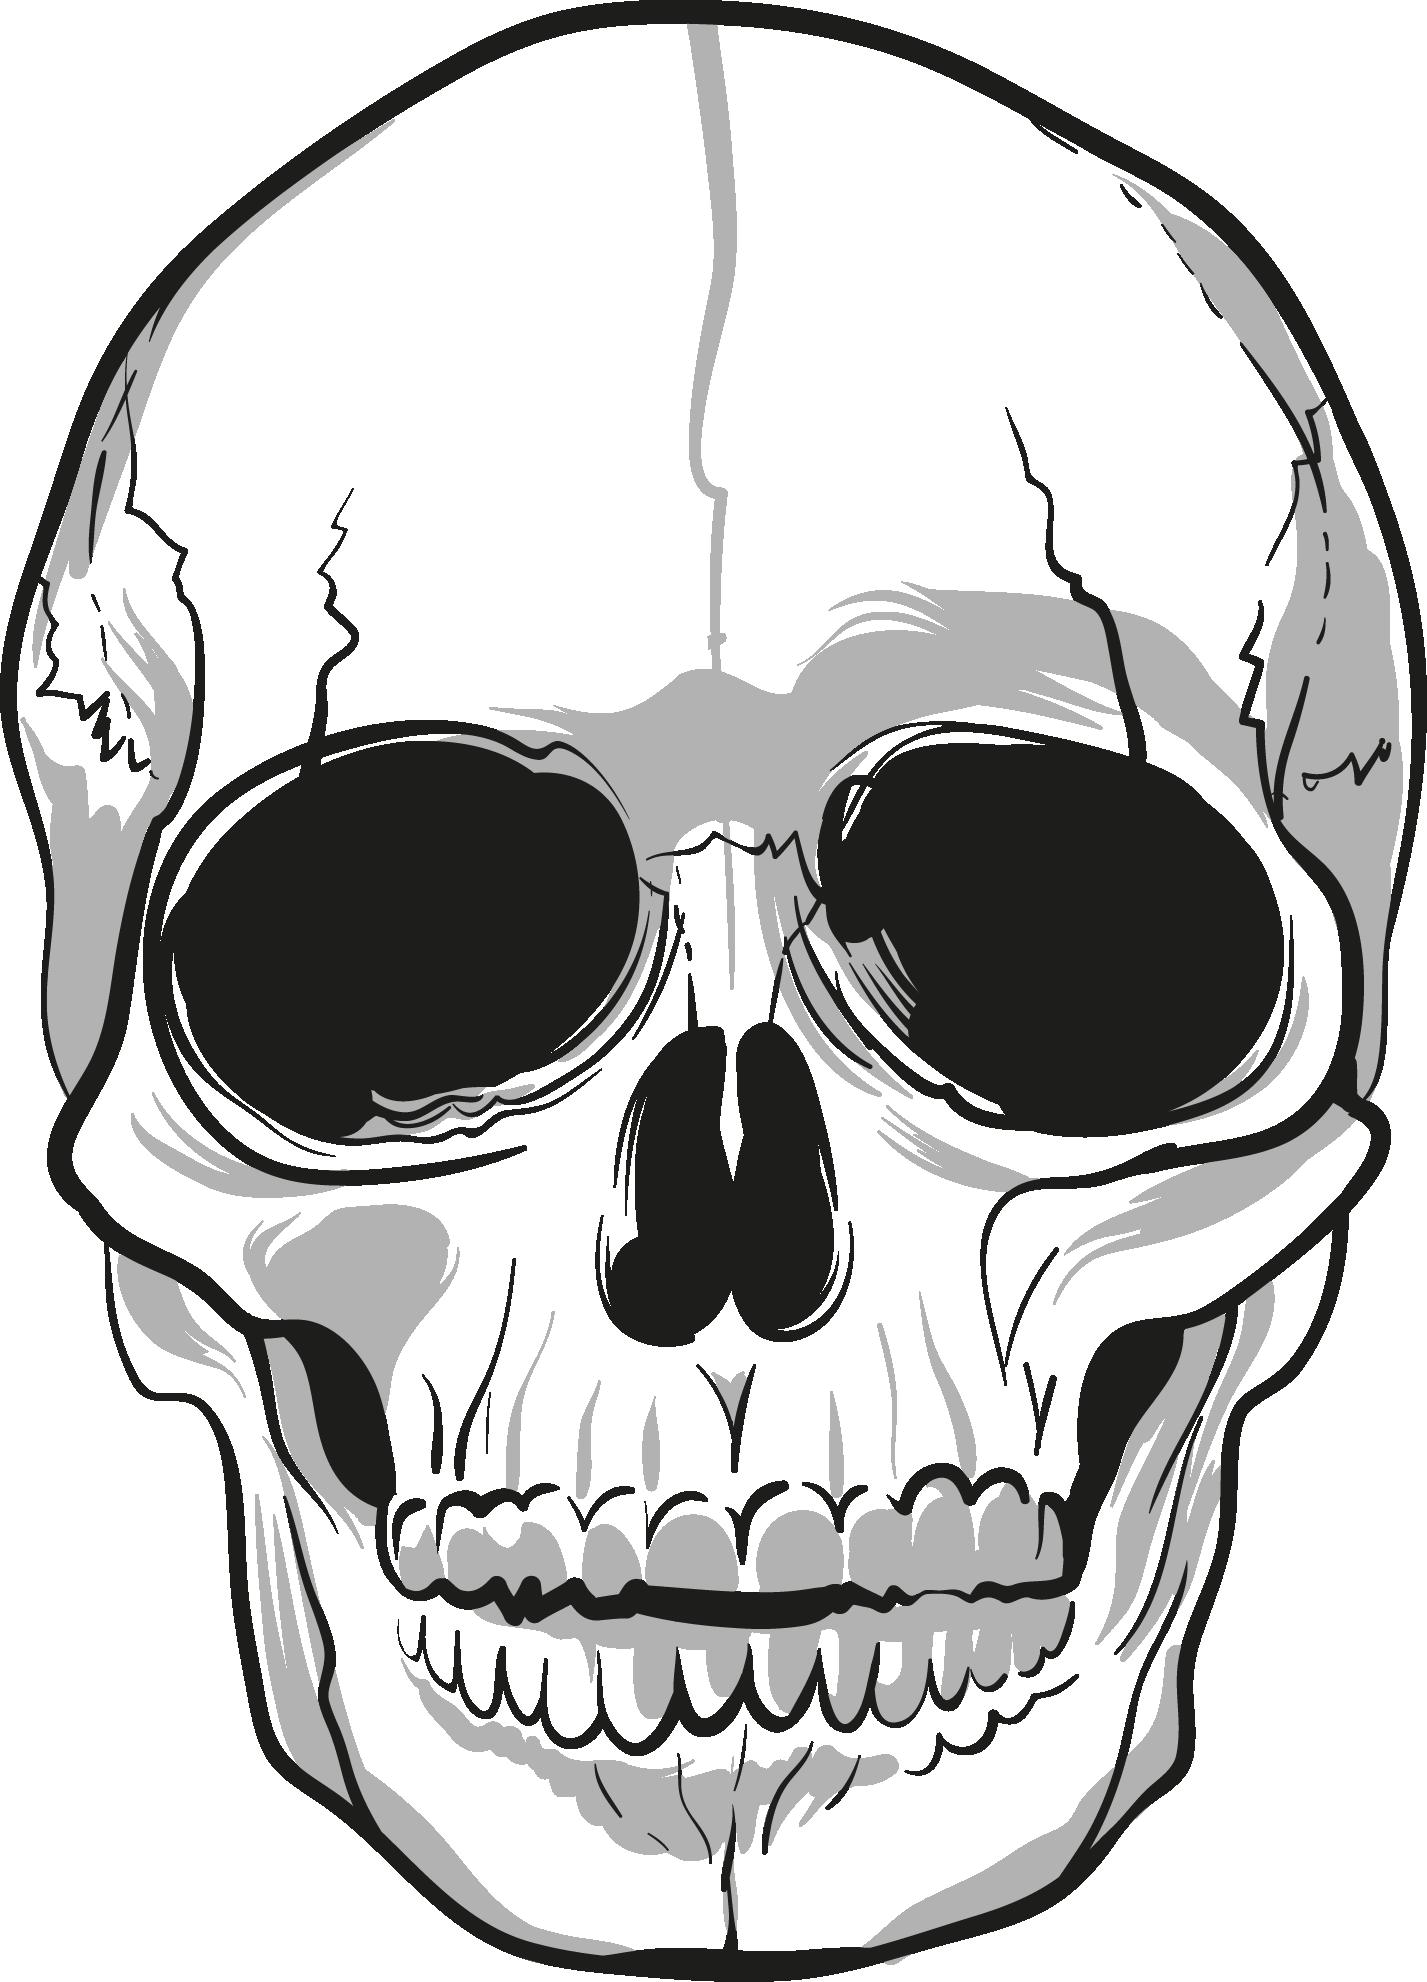 Skulls PNG Image Skull, Human skull